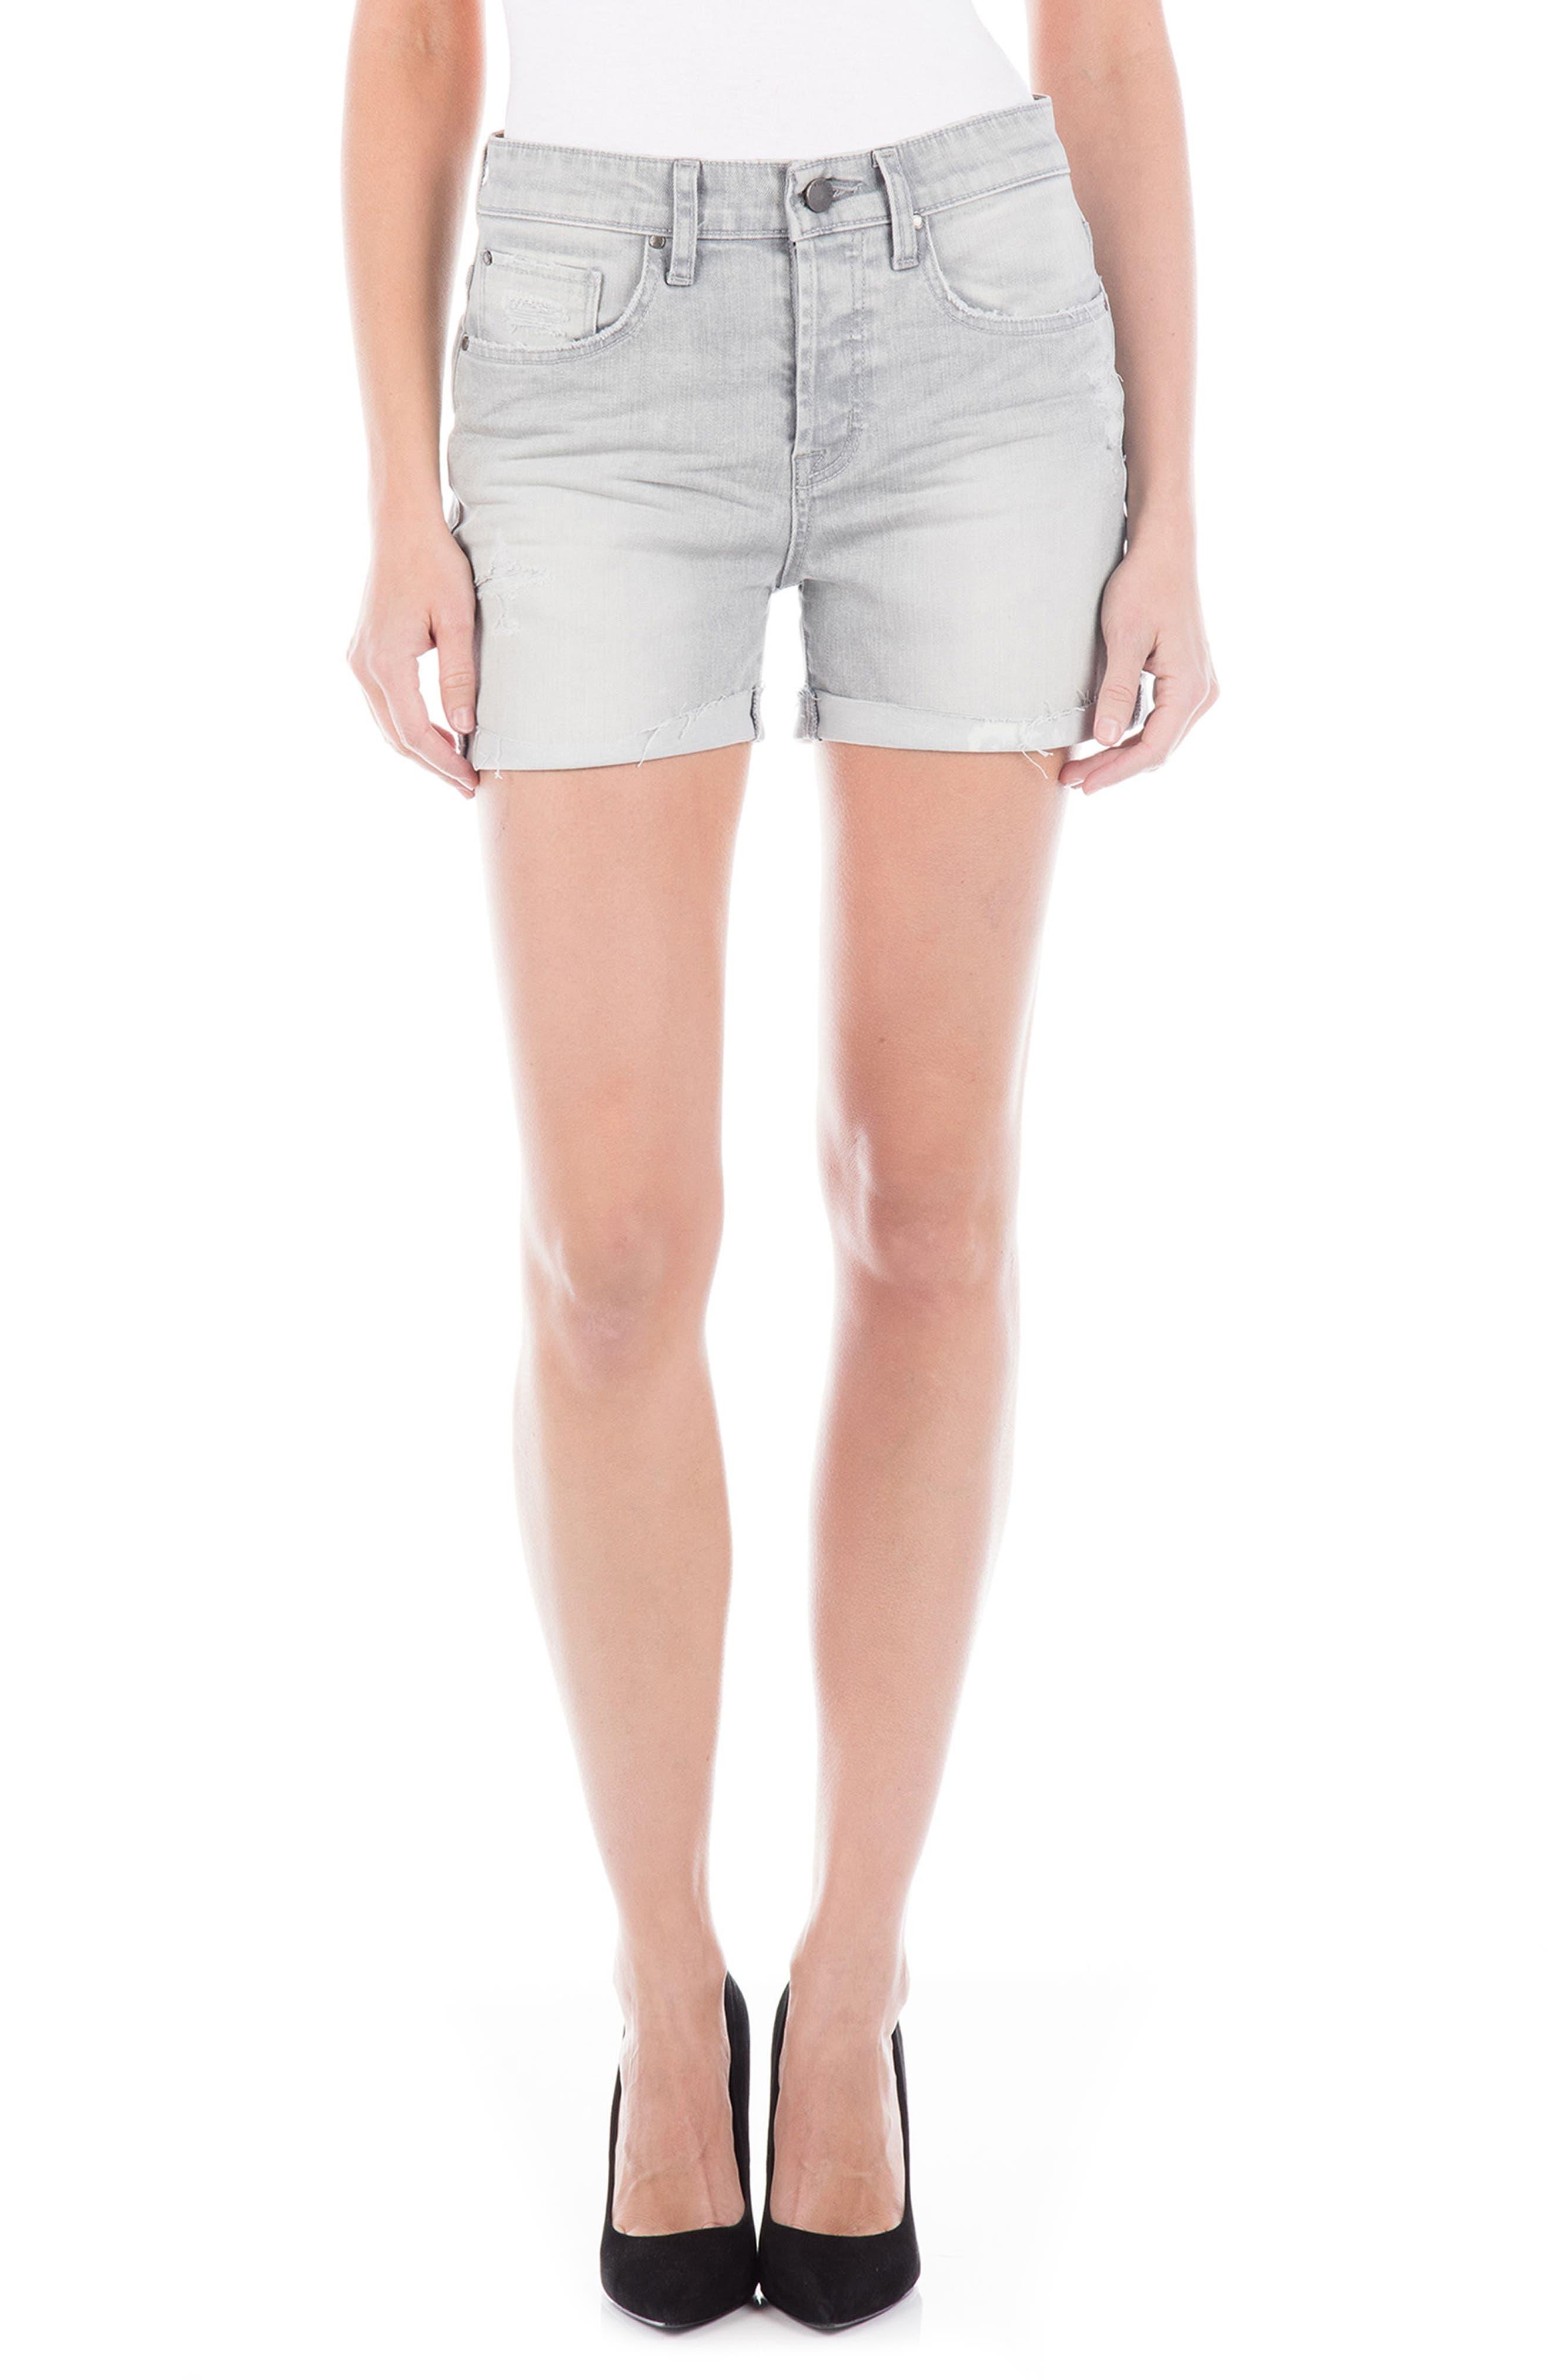 Fidelity Denim Jonesy High Waist Denim Shorts (Mercury Vintage)